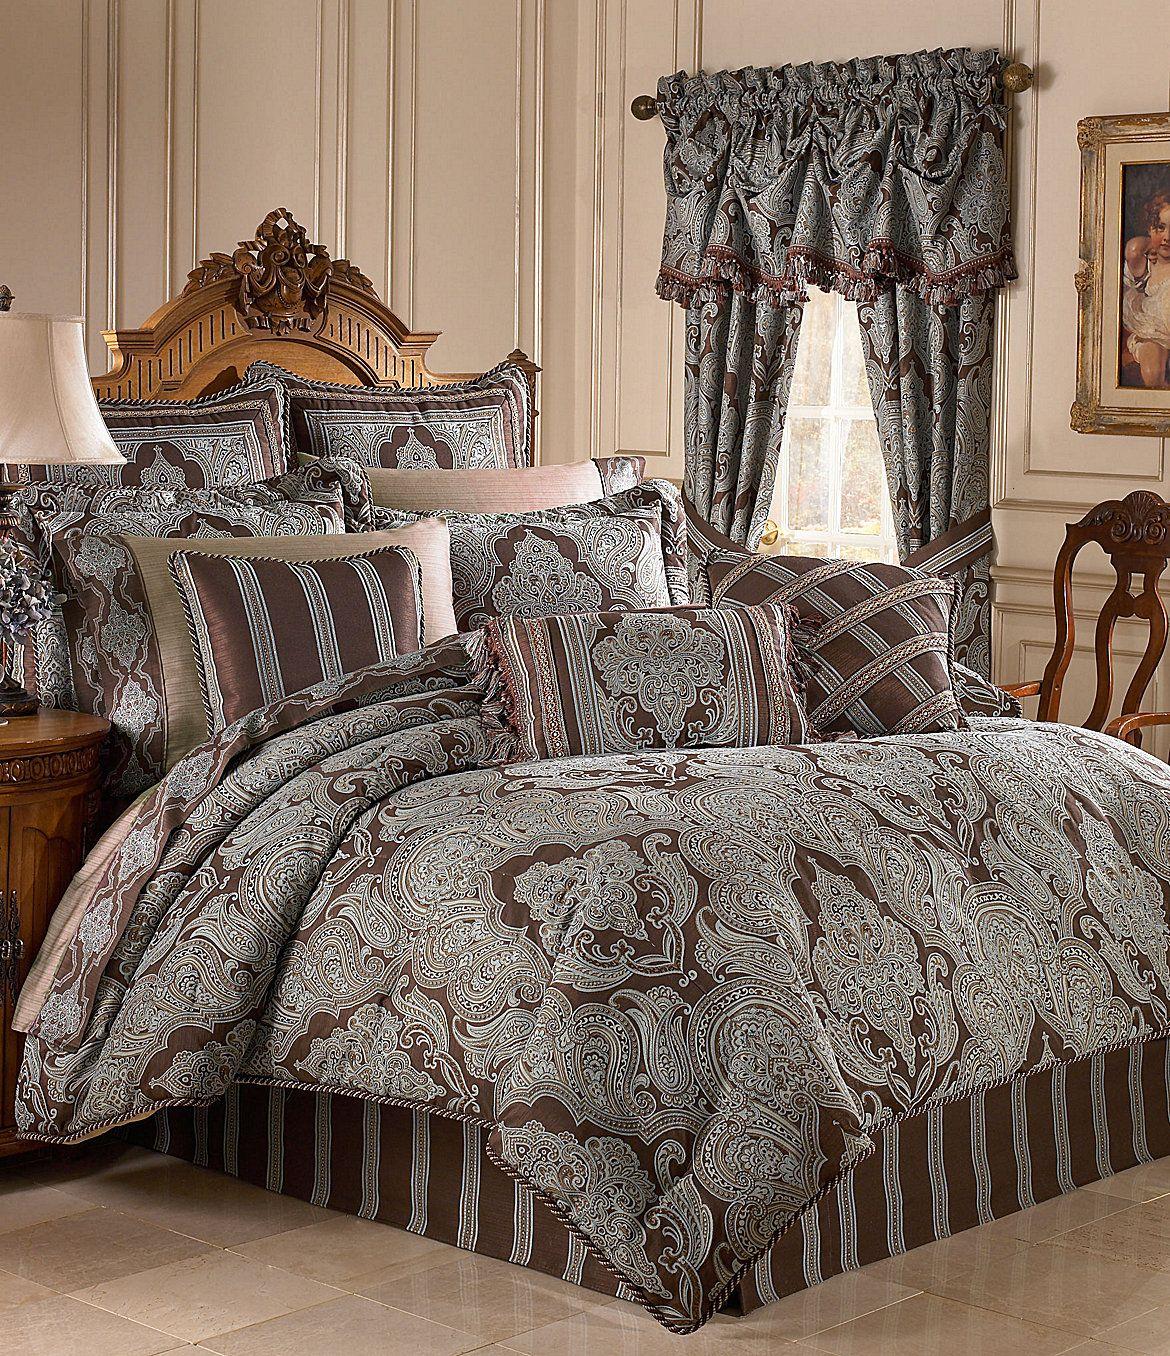 """Dillards Home Decor: Croscill """"Royalton"""" Bedding Collection"""